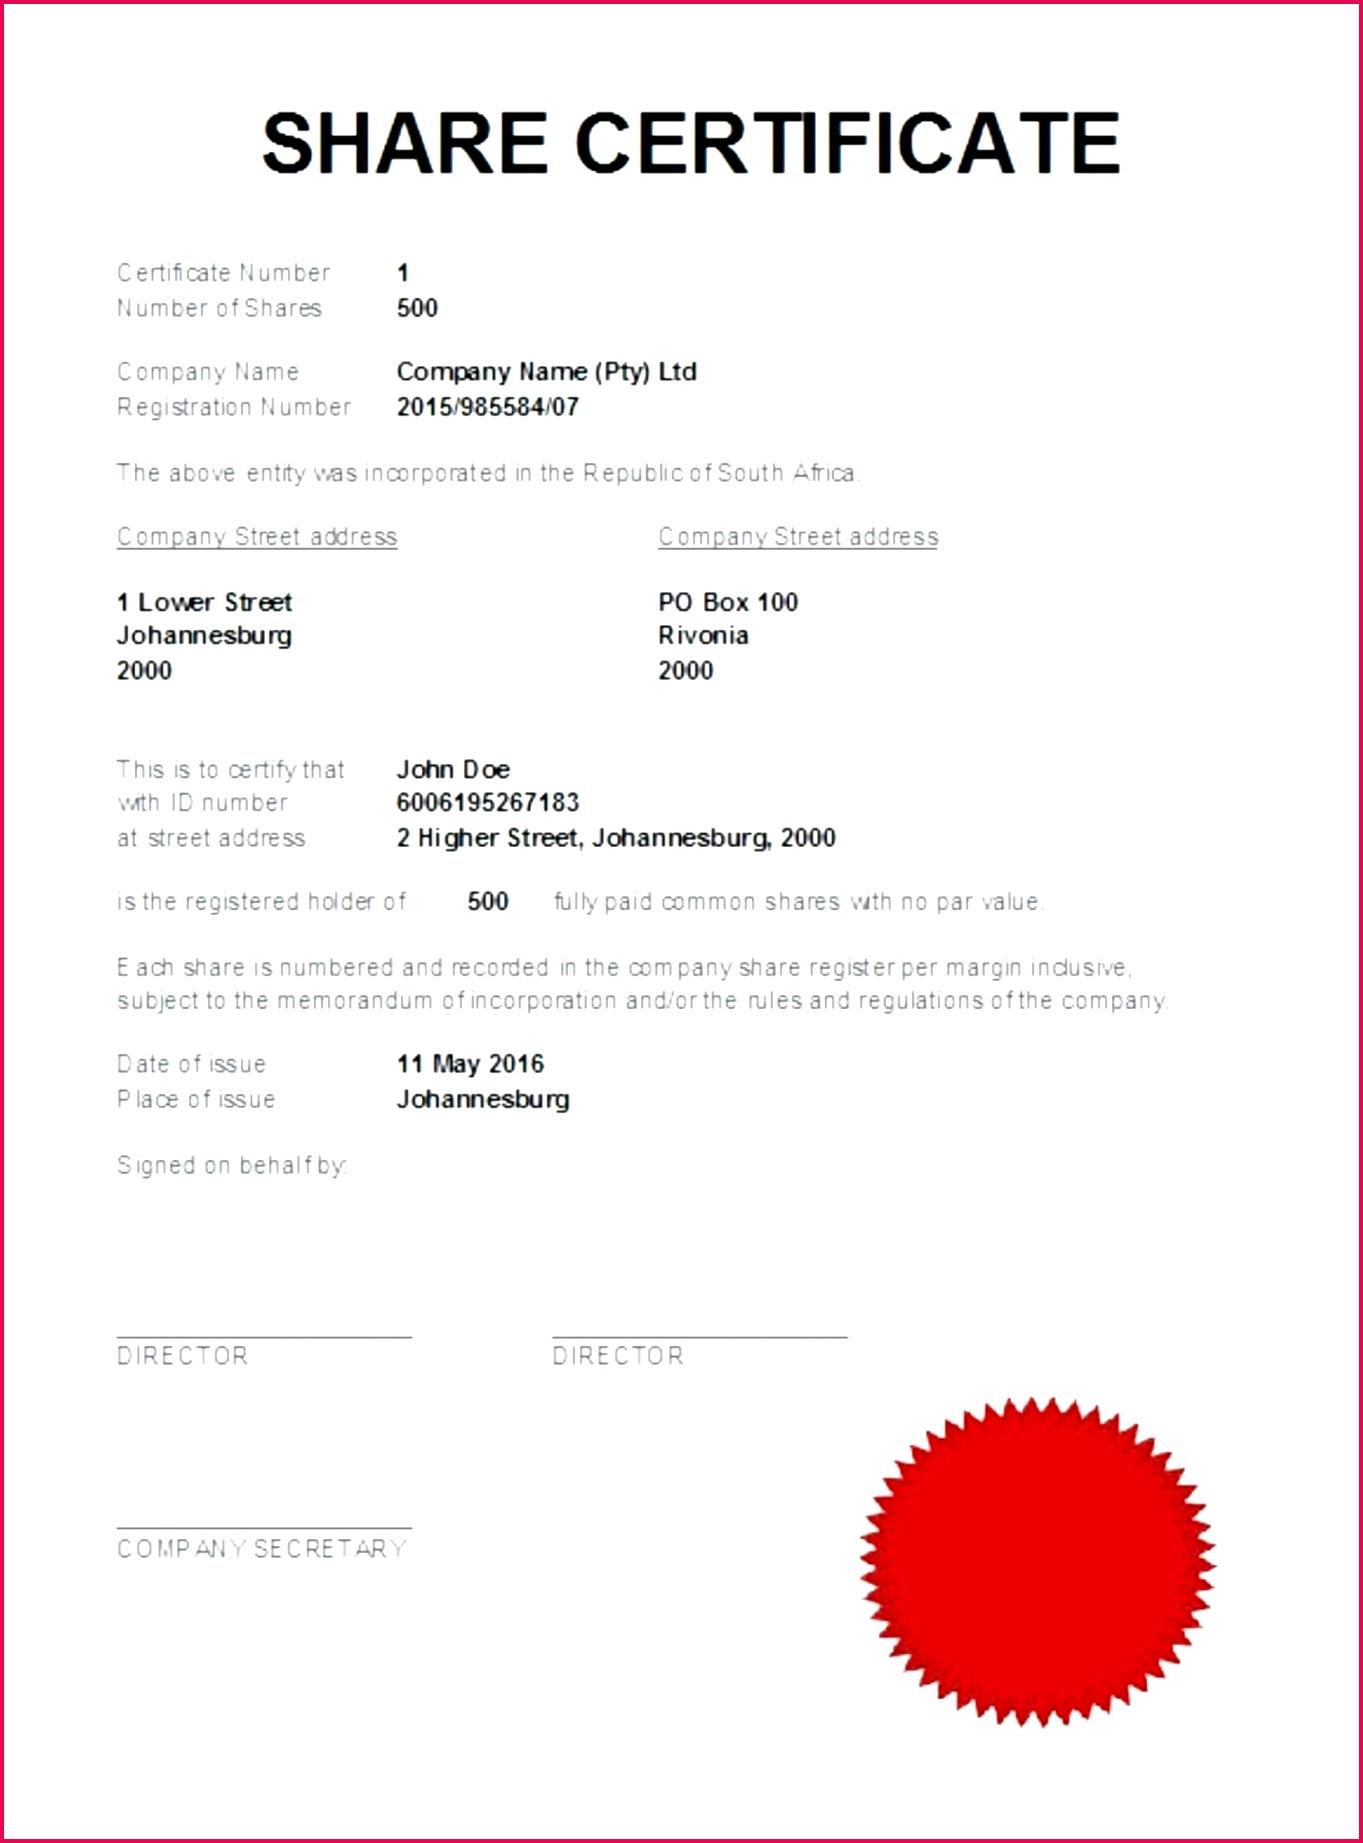 5 Bc Share Certificate Template 79873 | FabTemplatez